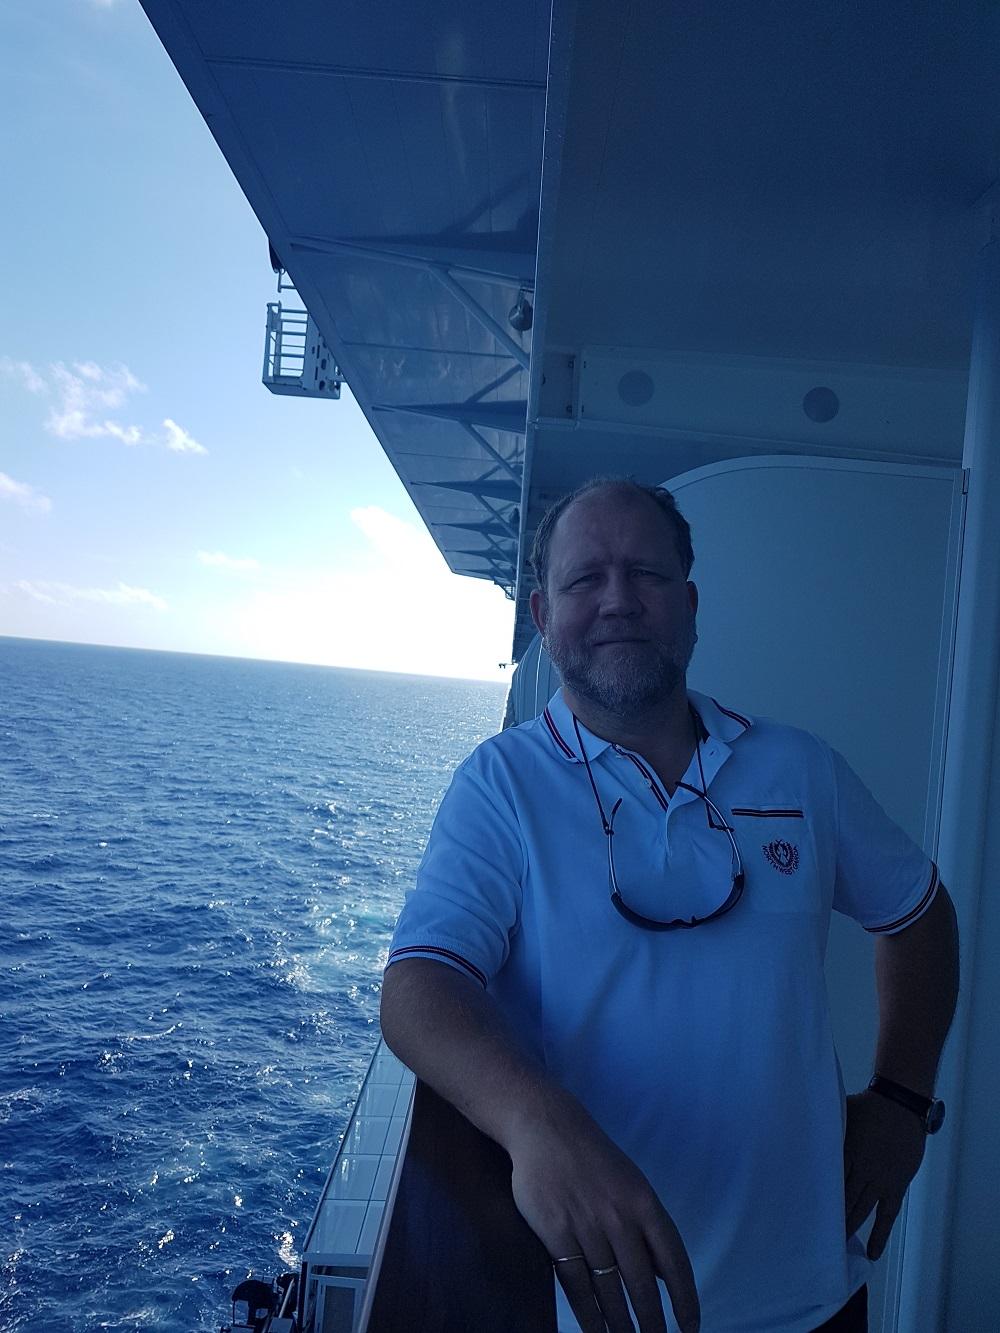 Mein Schiff Gast: Lutz Vieweg an der Reling auf dem Balkon